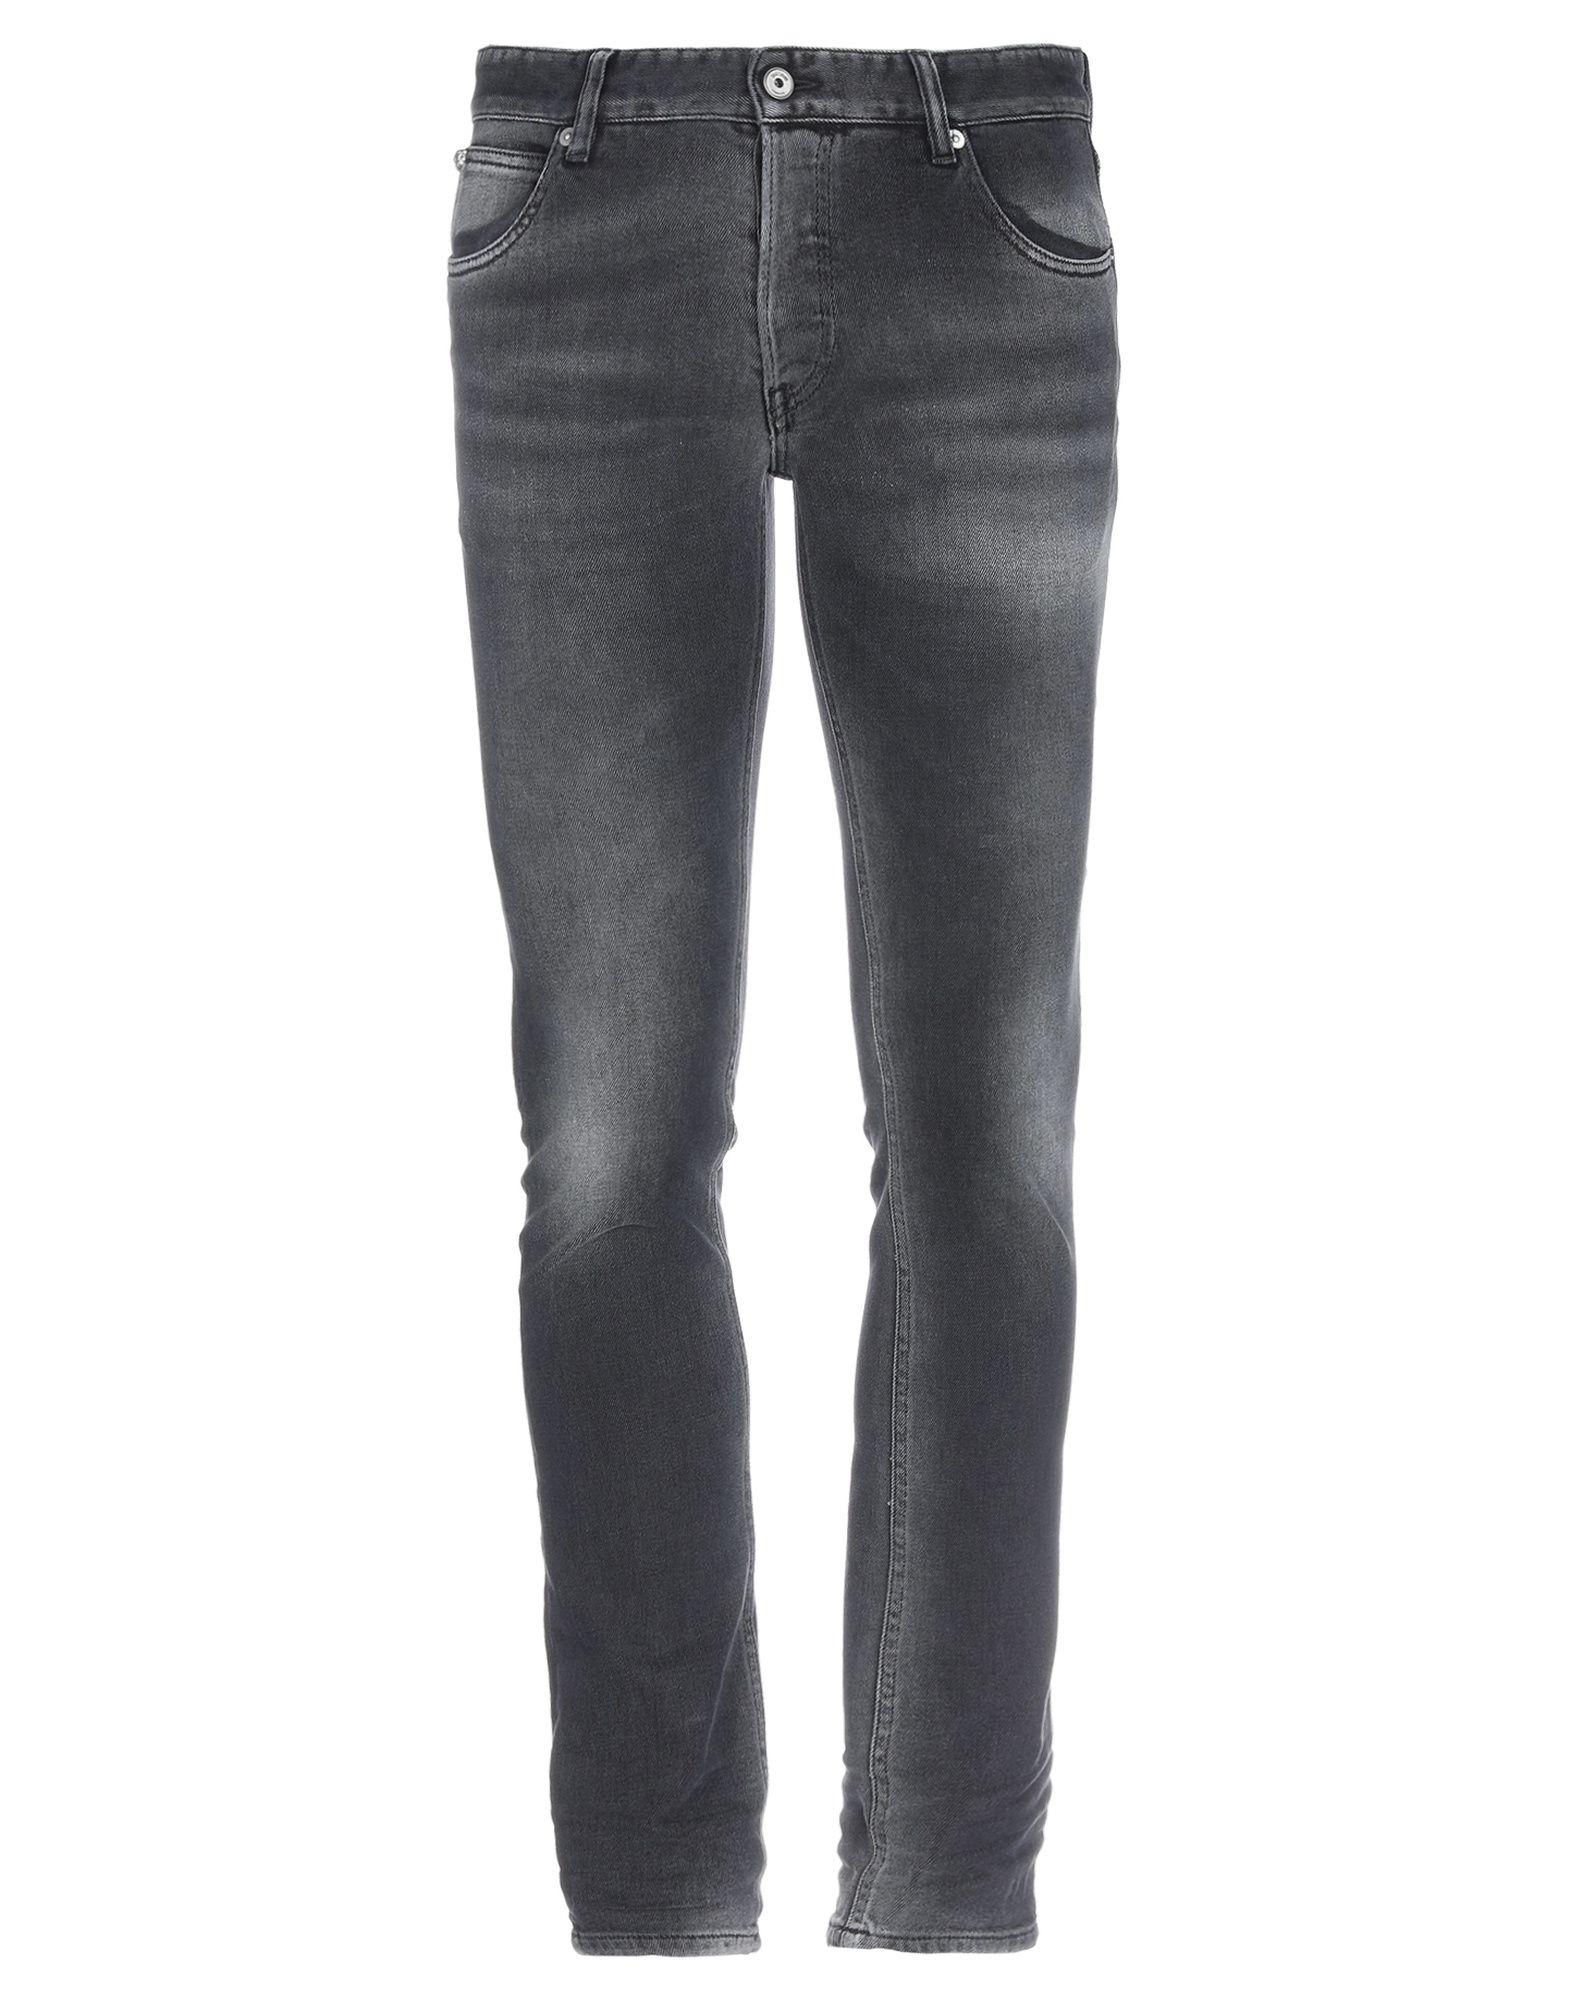 Pantaloni Jeans Just Cavalli Cavalli Cavalli uomo - 42732349RN f42